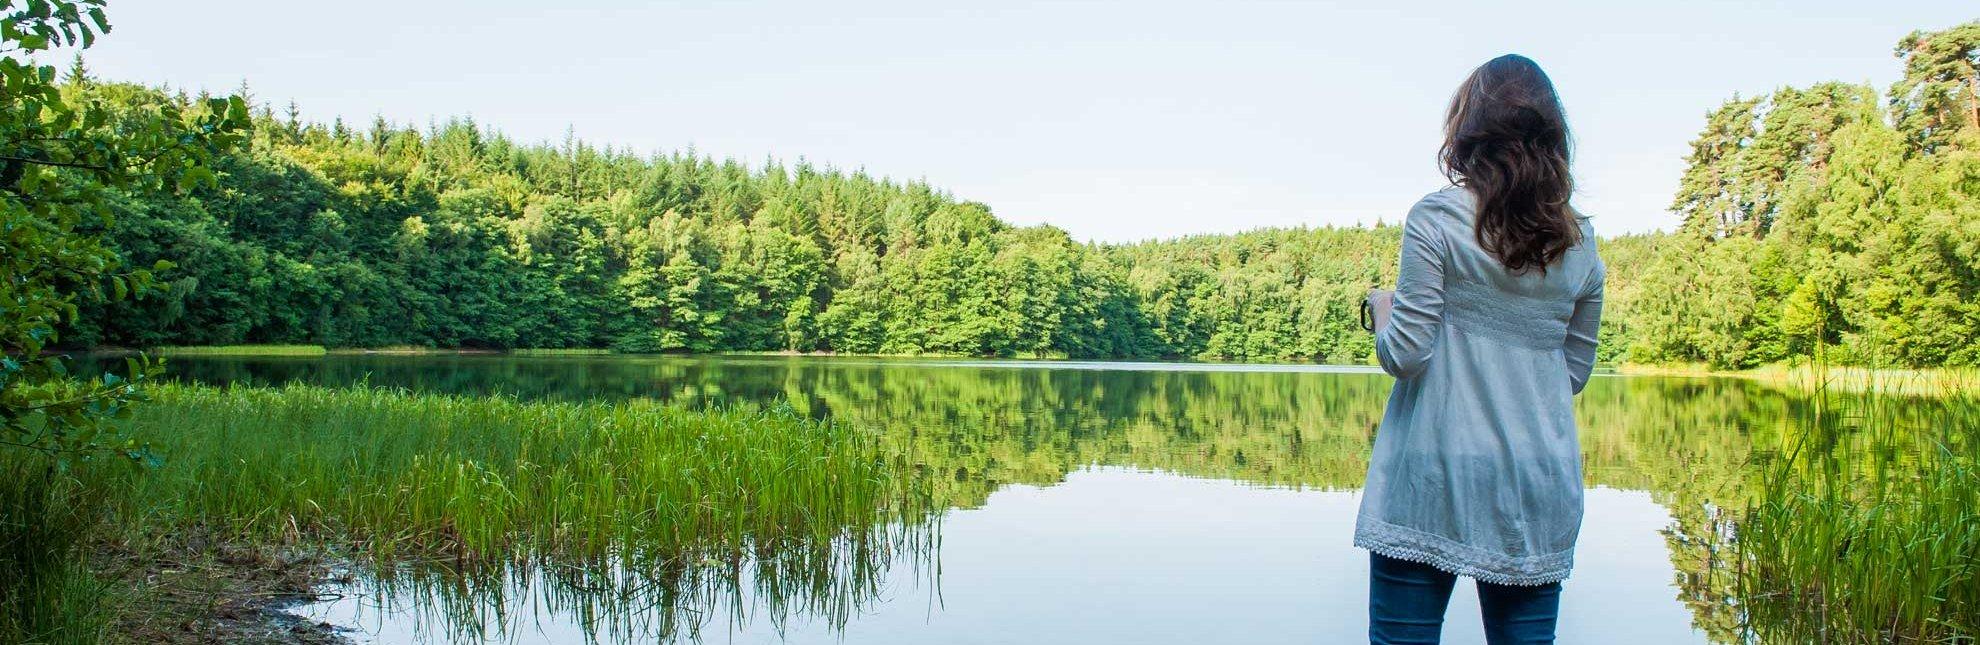 Morgens ist es am Pinnsee bei Mölln meist noch ganz ruhig., © Nicole Franke / HLMS GmbH